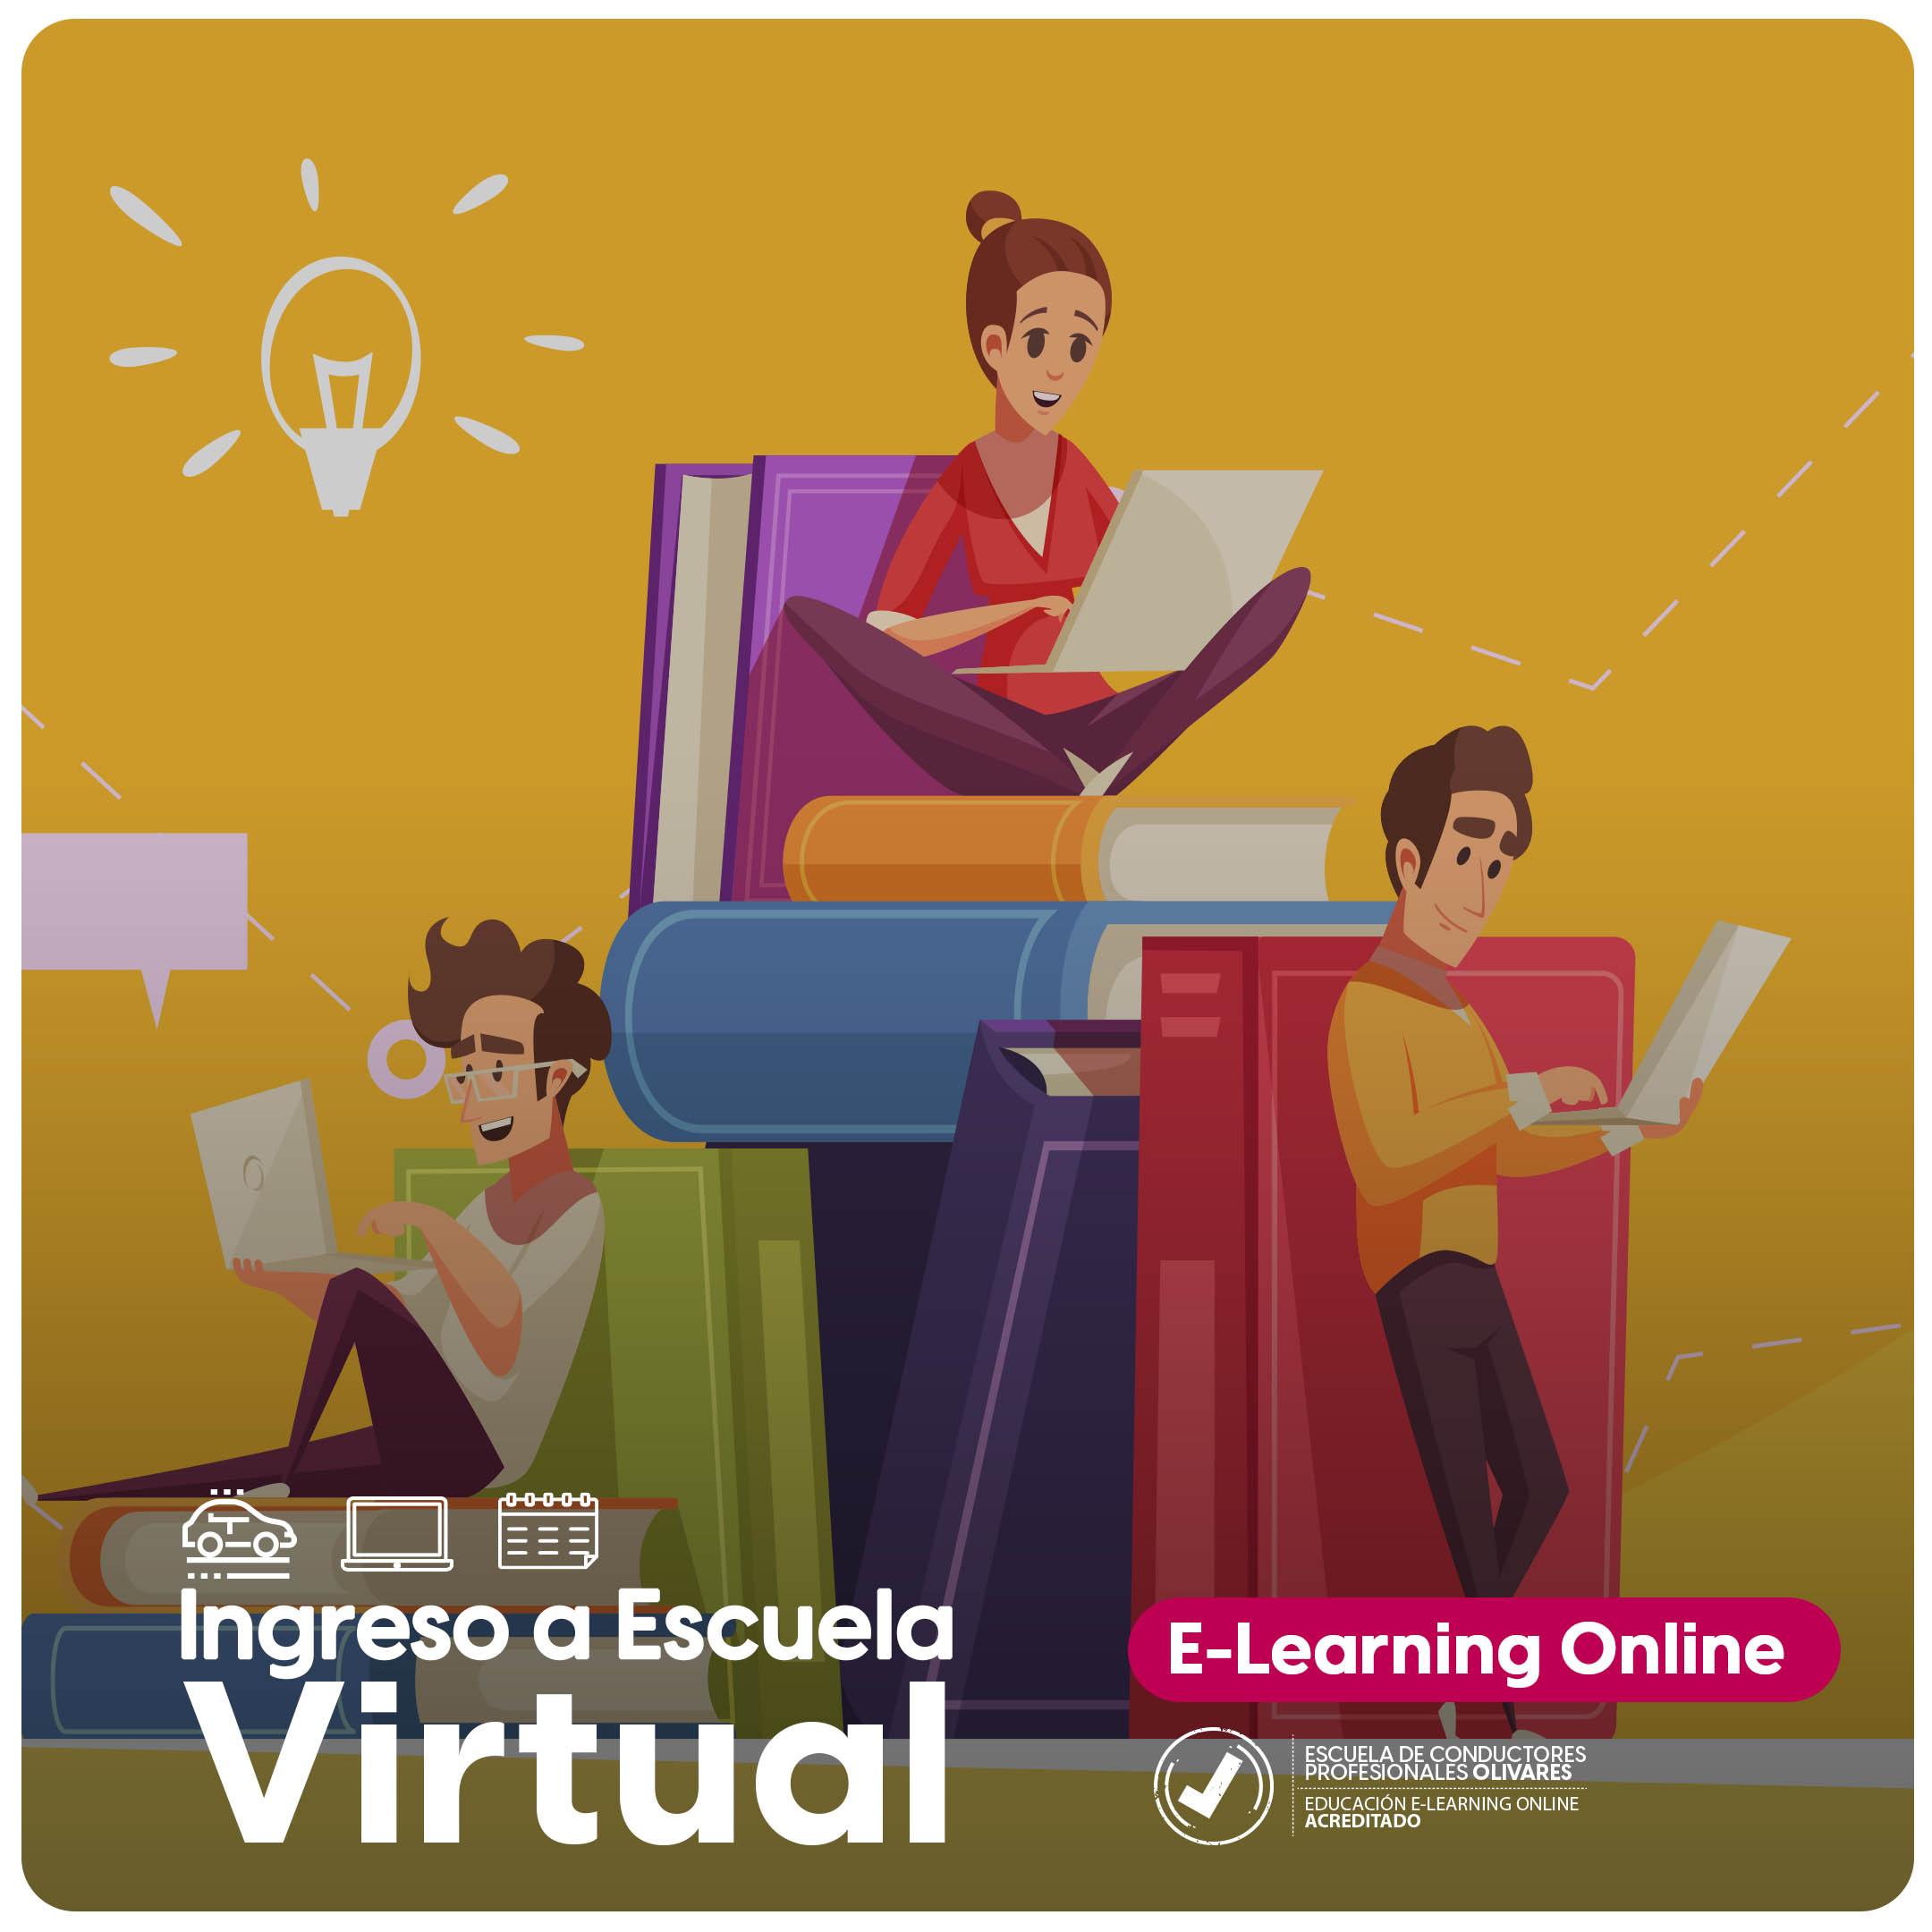 Ingresa a Escuela Virtual